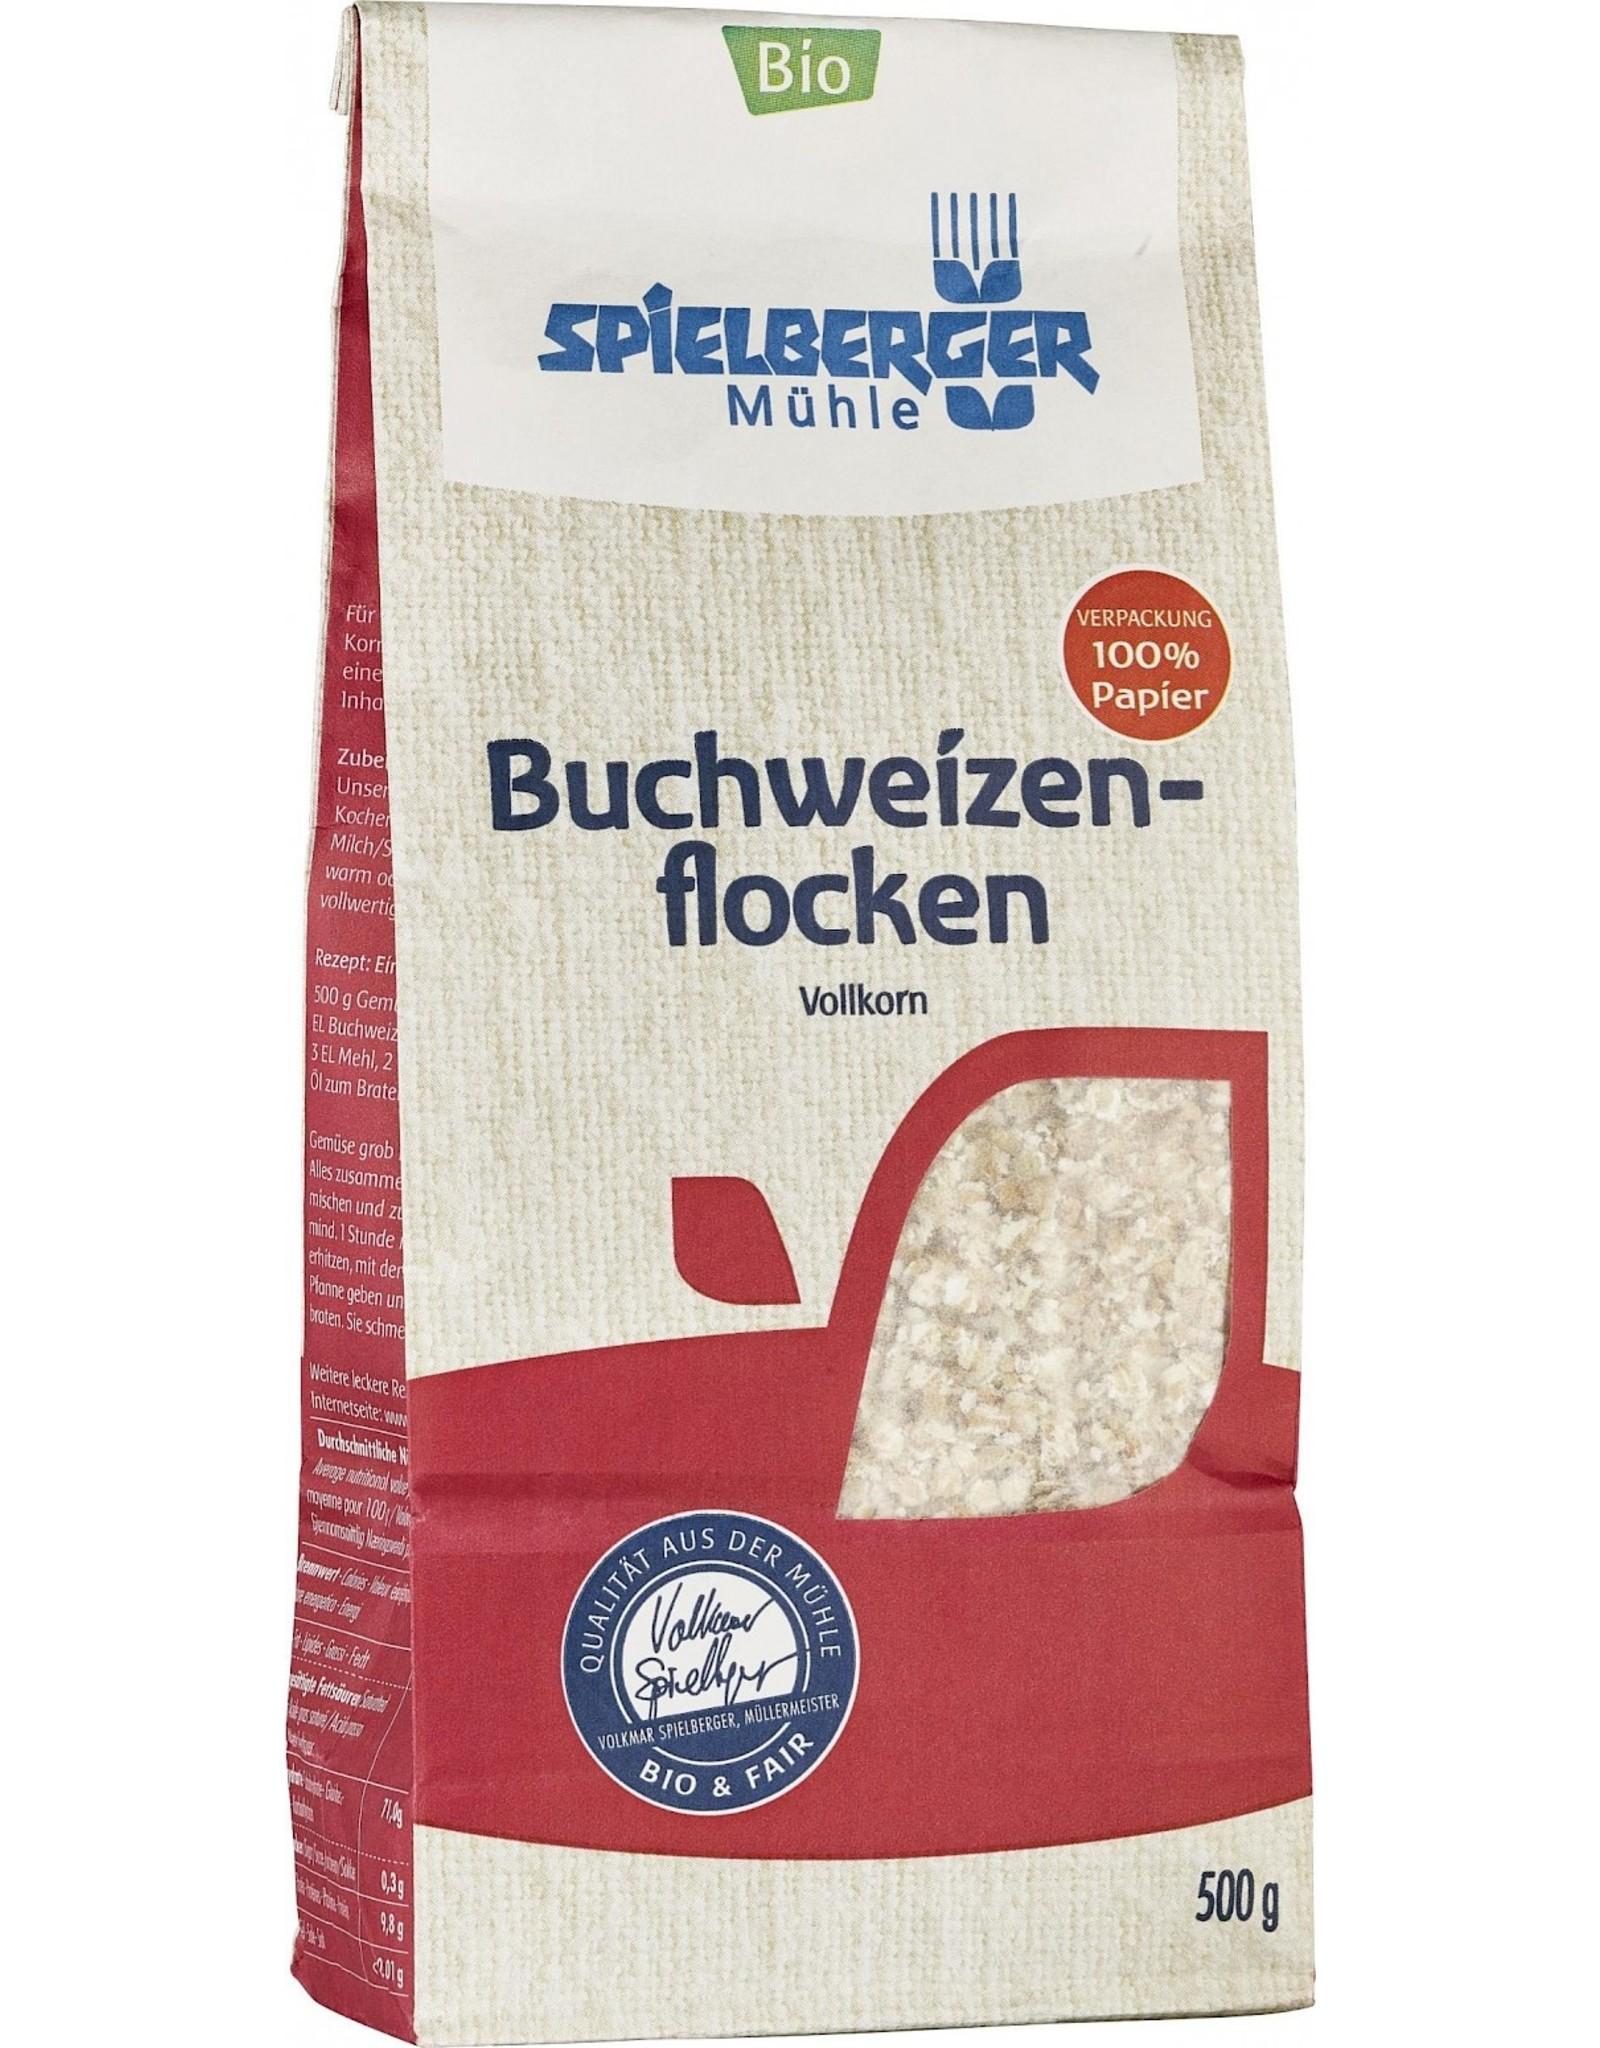 SPIELBERGER Buchweizenflocken, kbA 500g